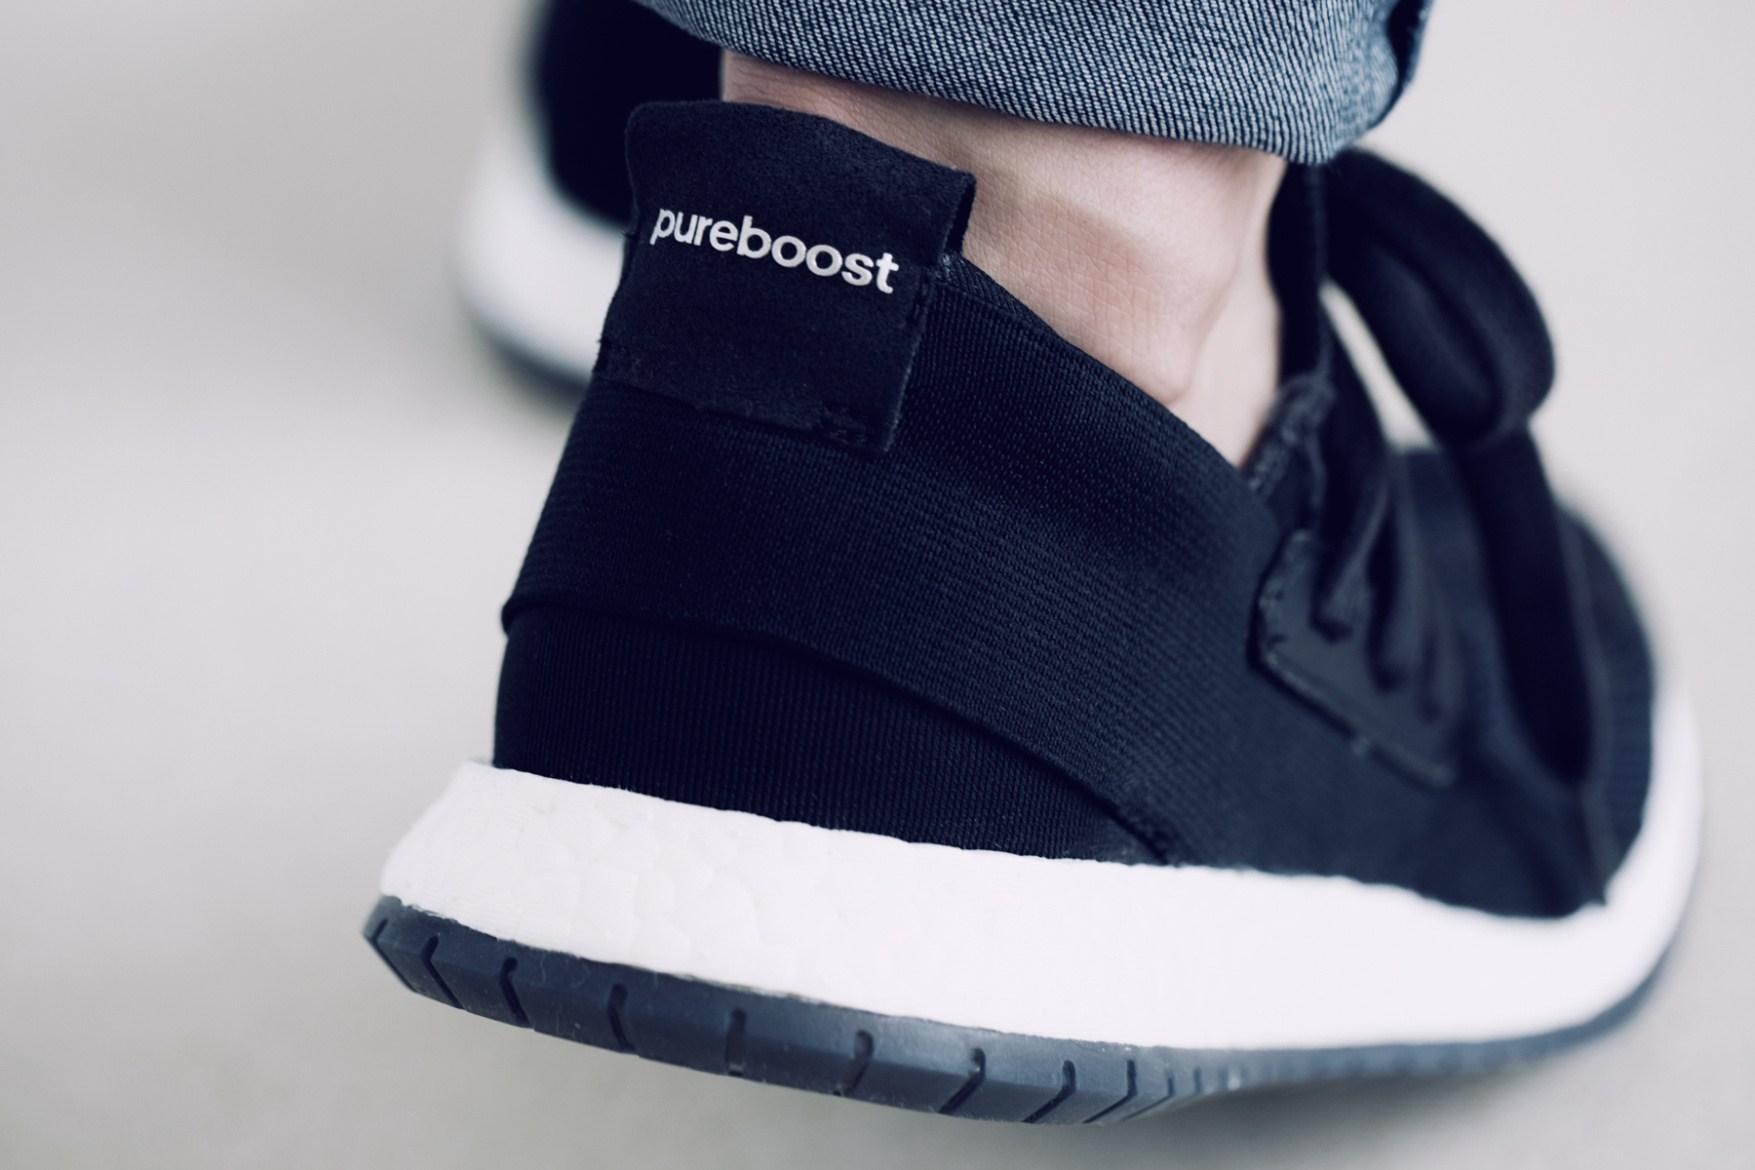 adidas-pureboost-raw-12